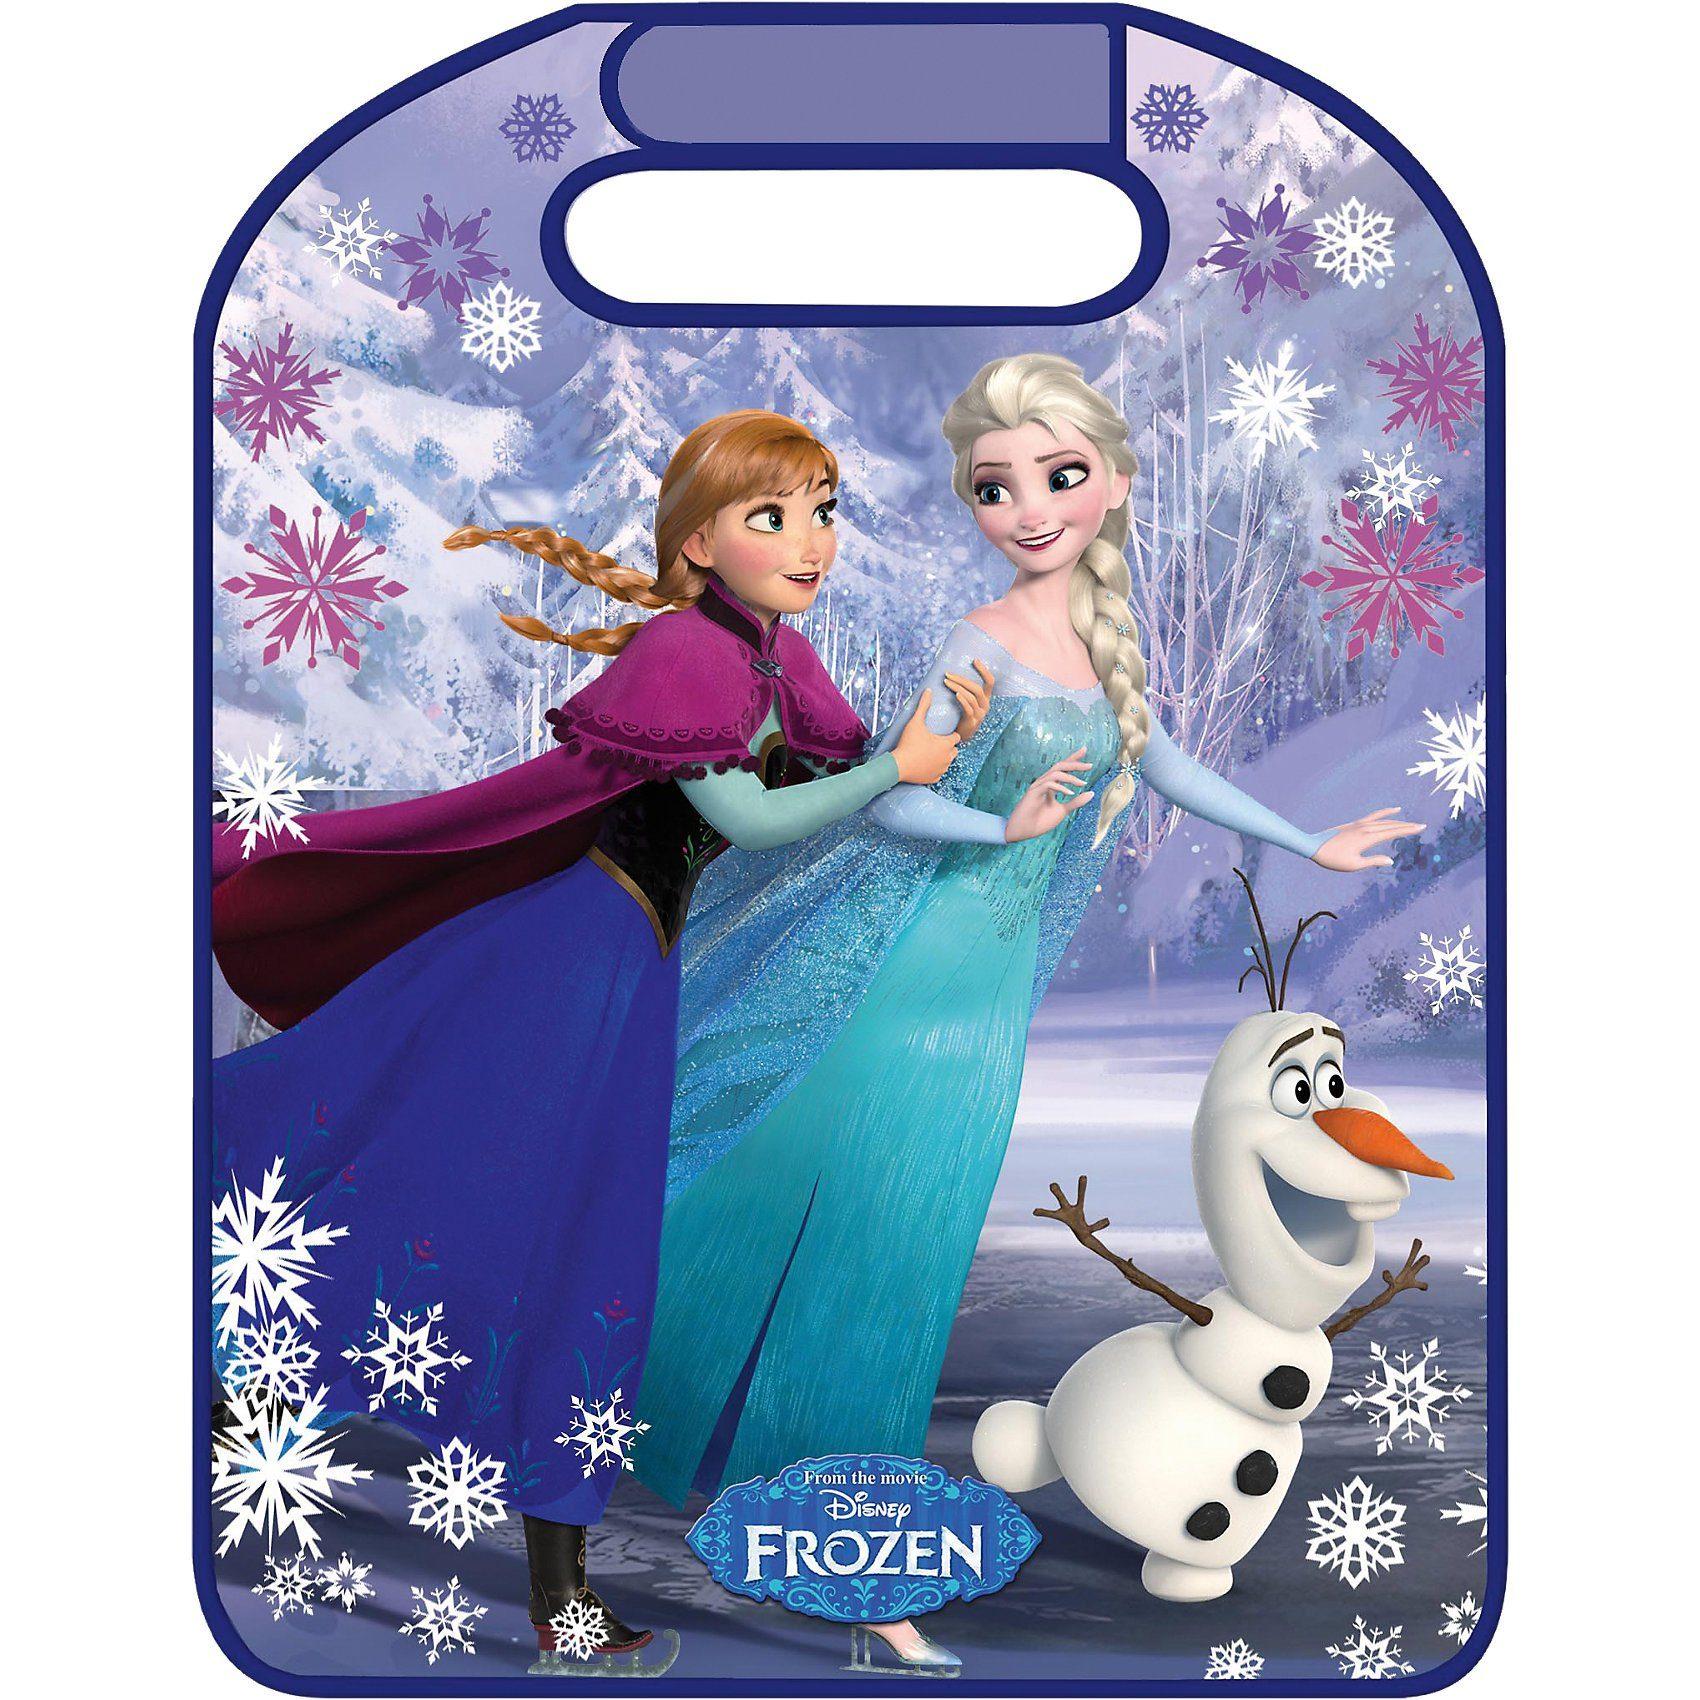 ProType Auto-Rückenlehnenschutz, Die Eiskönigin (Frozen)